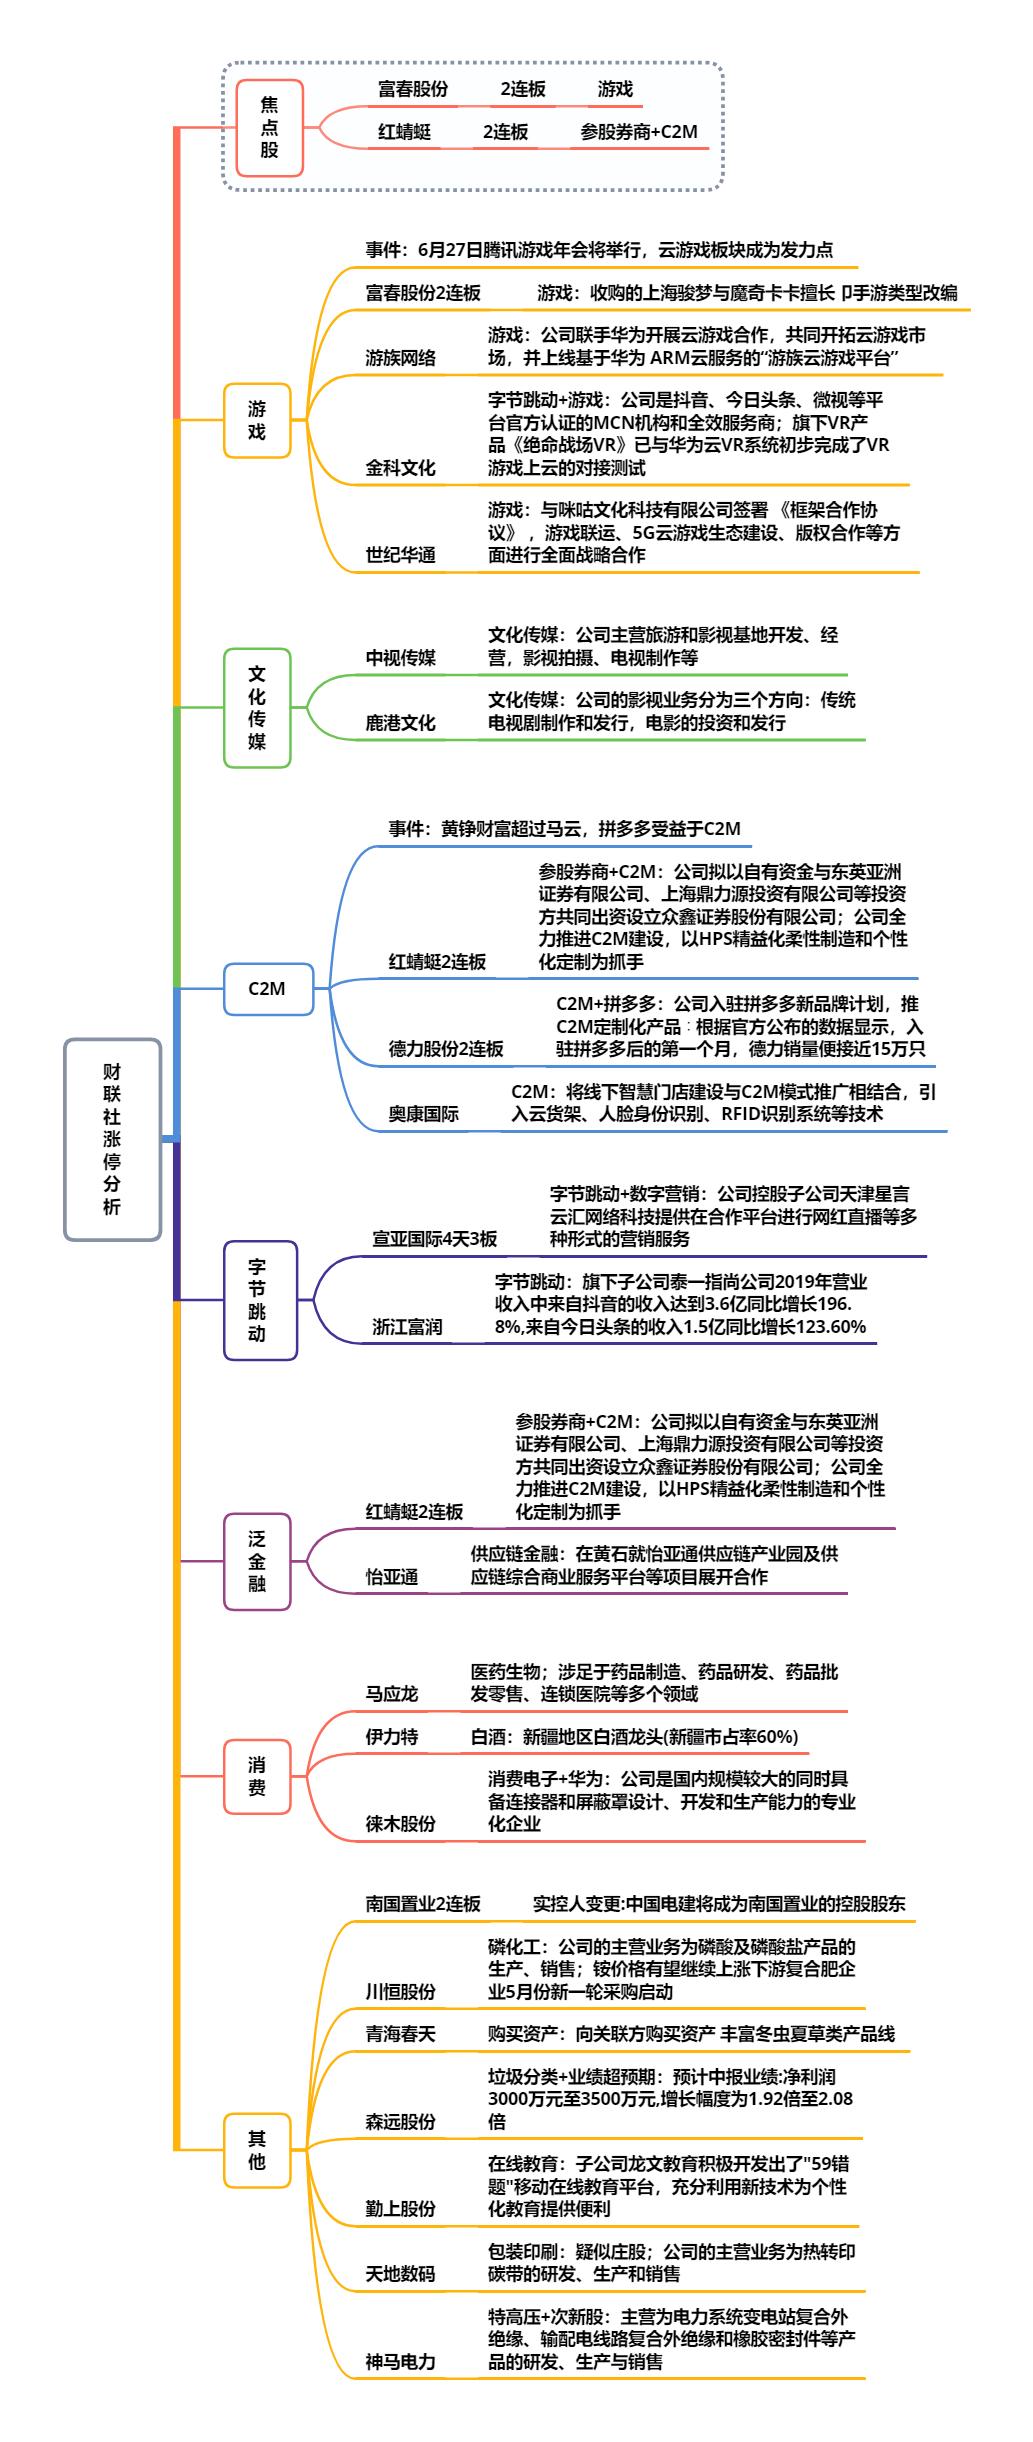 【财联社午报】高位连板股断层,资金抱团趋势股